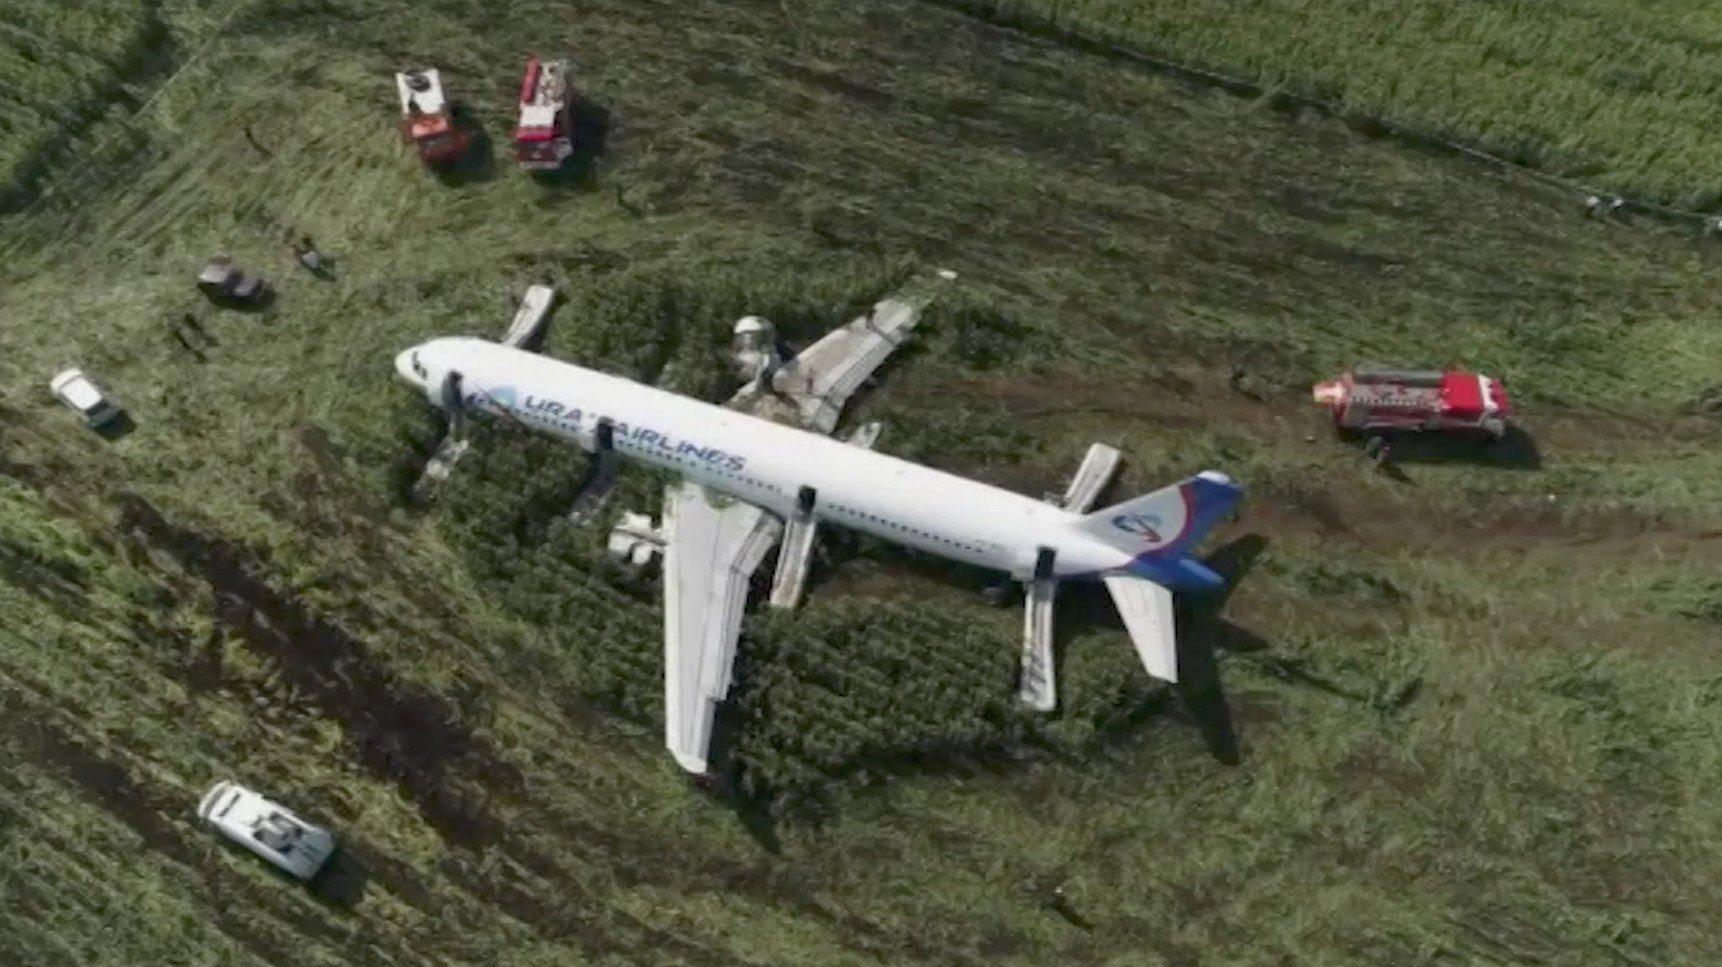 Russian pilots land plane in cornfield, earn Kremlin praise